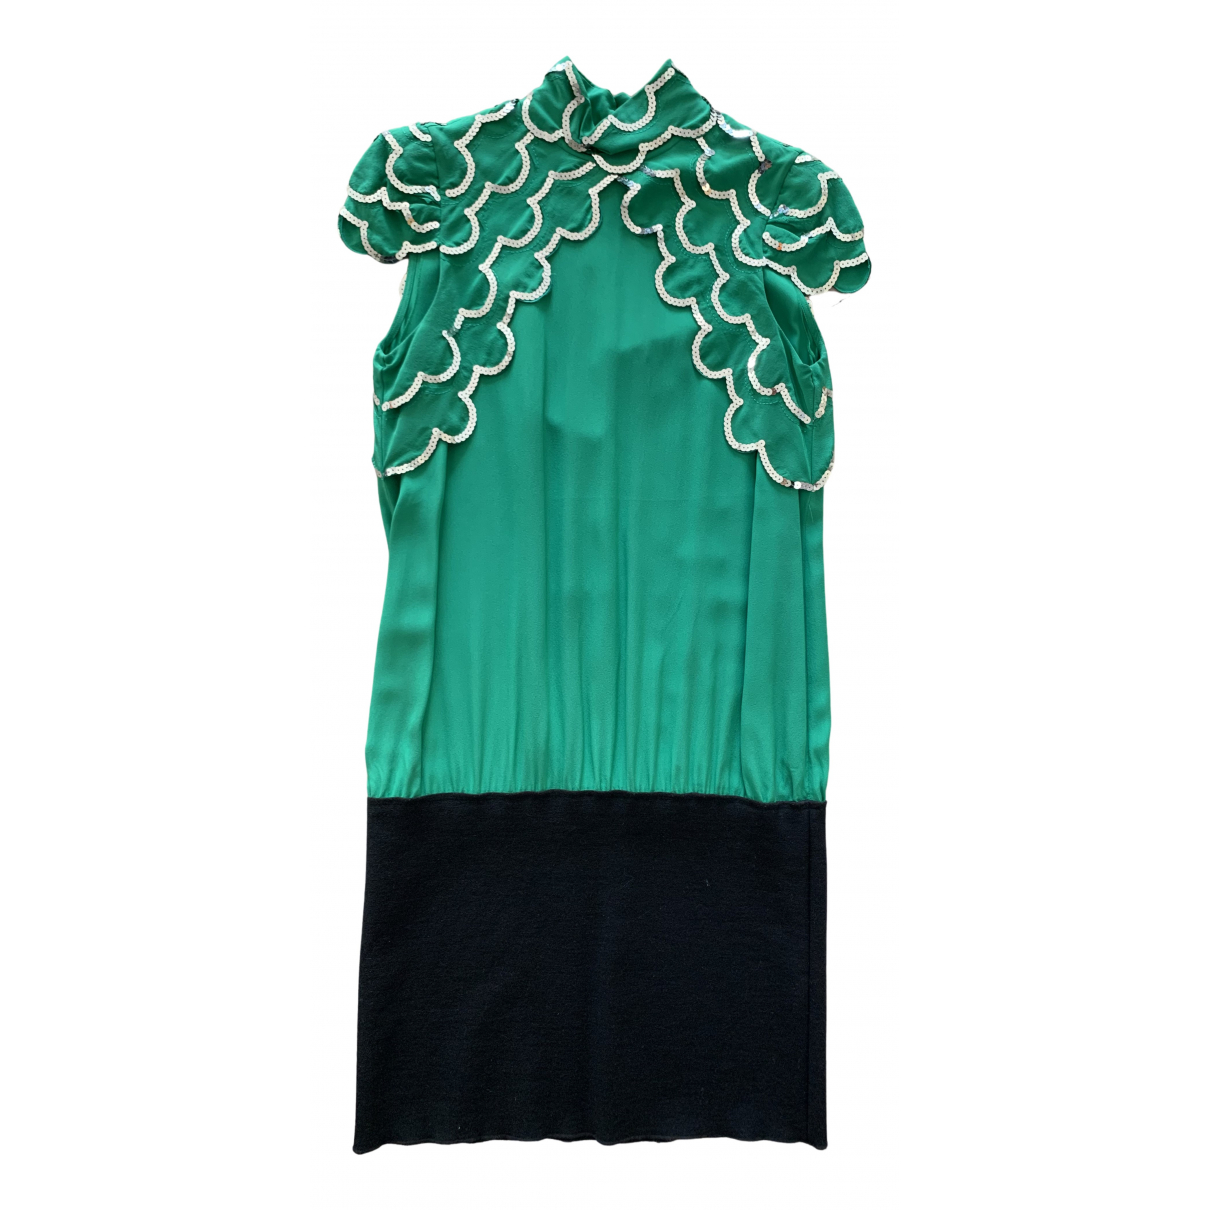 Hoss Intropia \N Kleid in  Gruen Seide